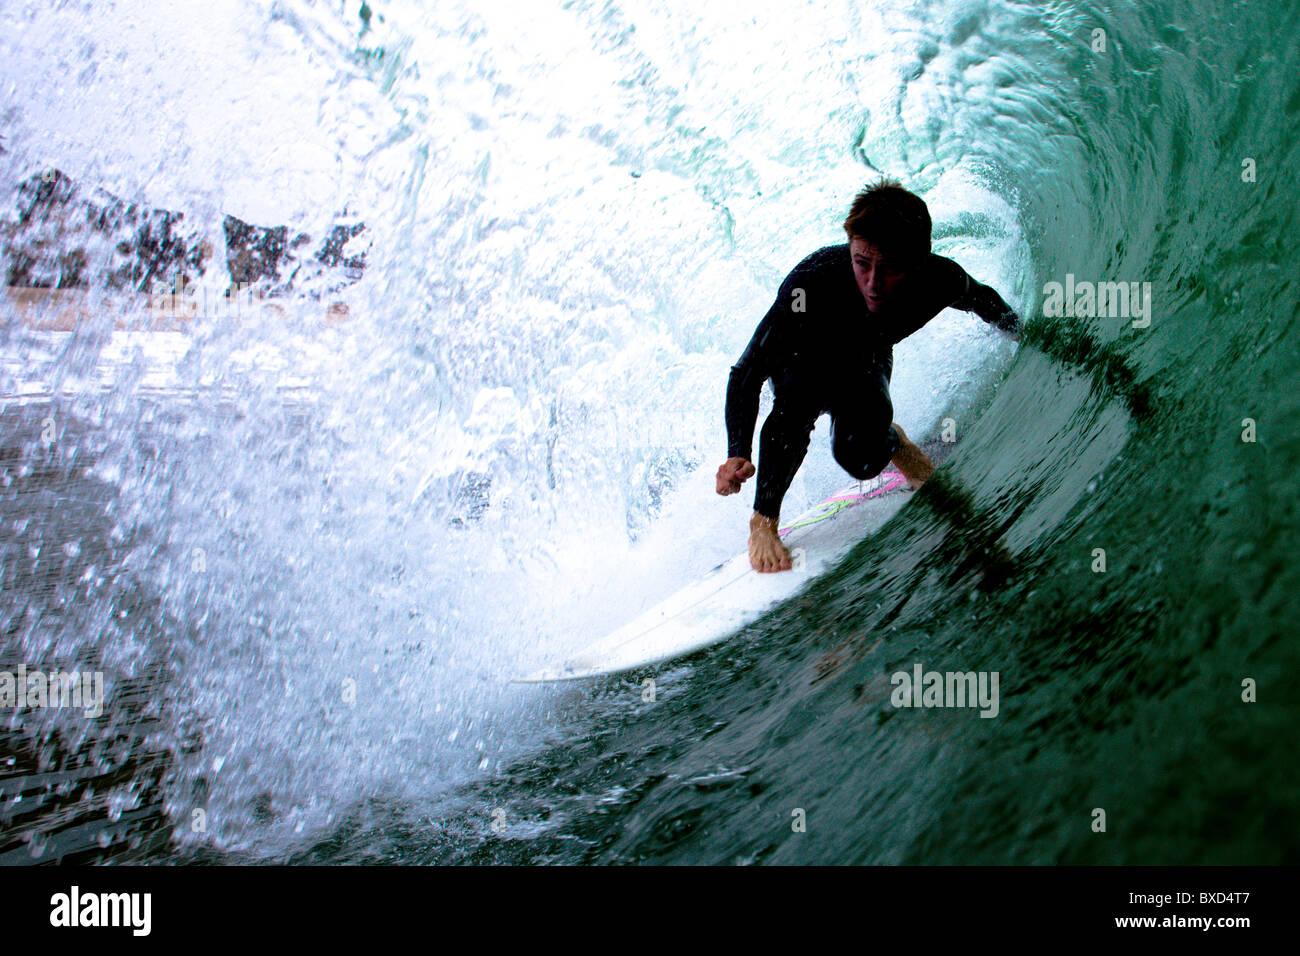 Un maschio avanzata surfer cavalca il tubo. Immagini Stock